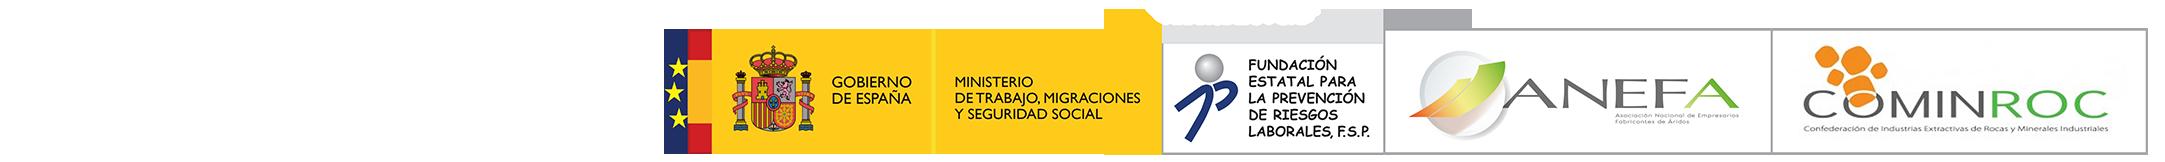 Portal web SCR Logo